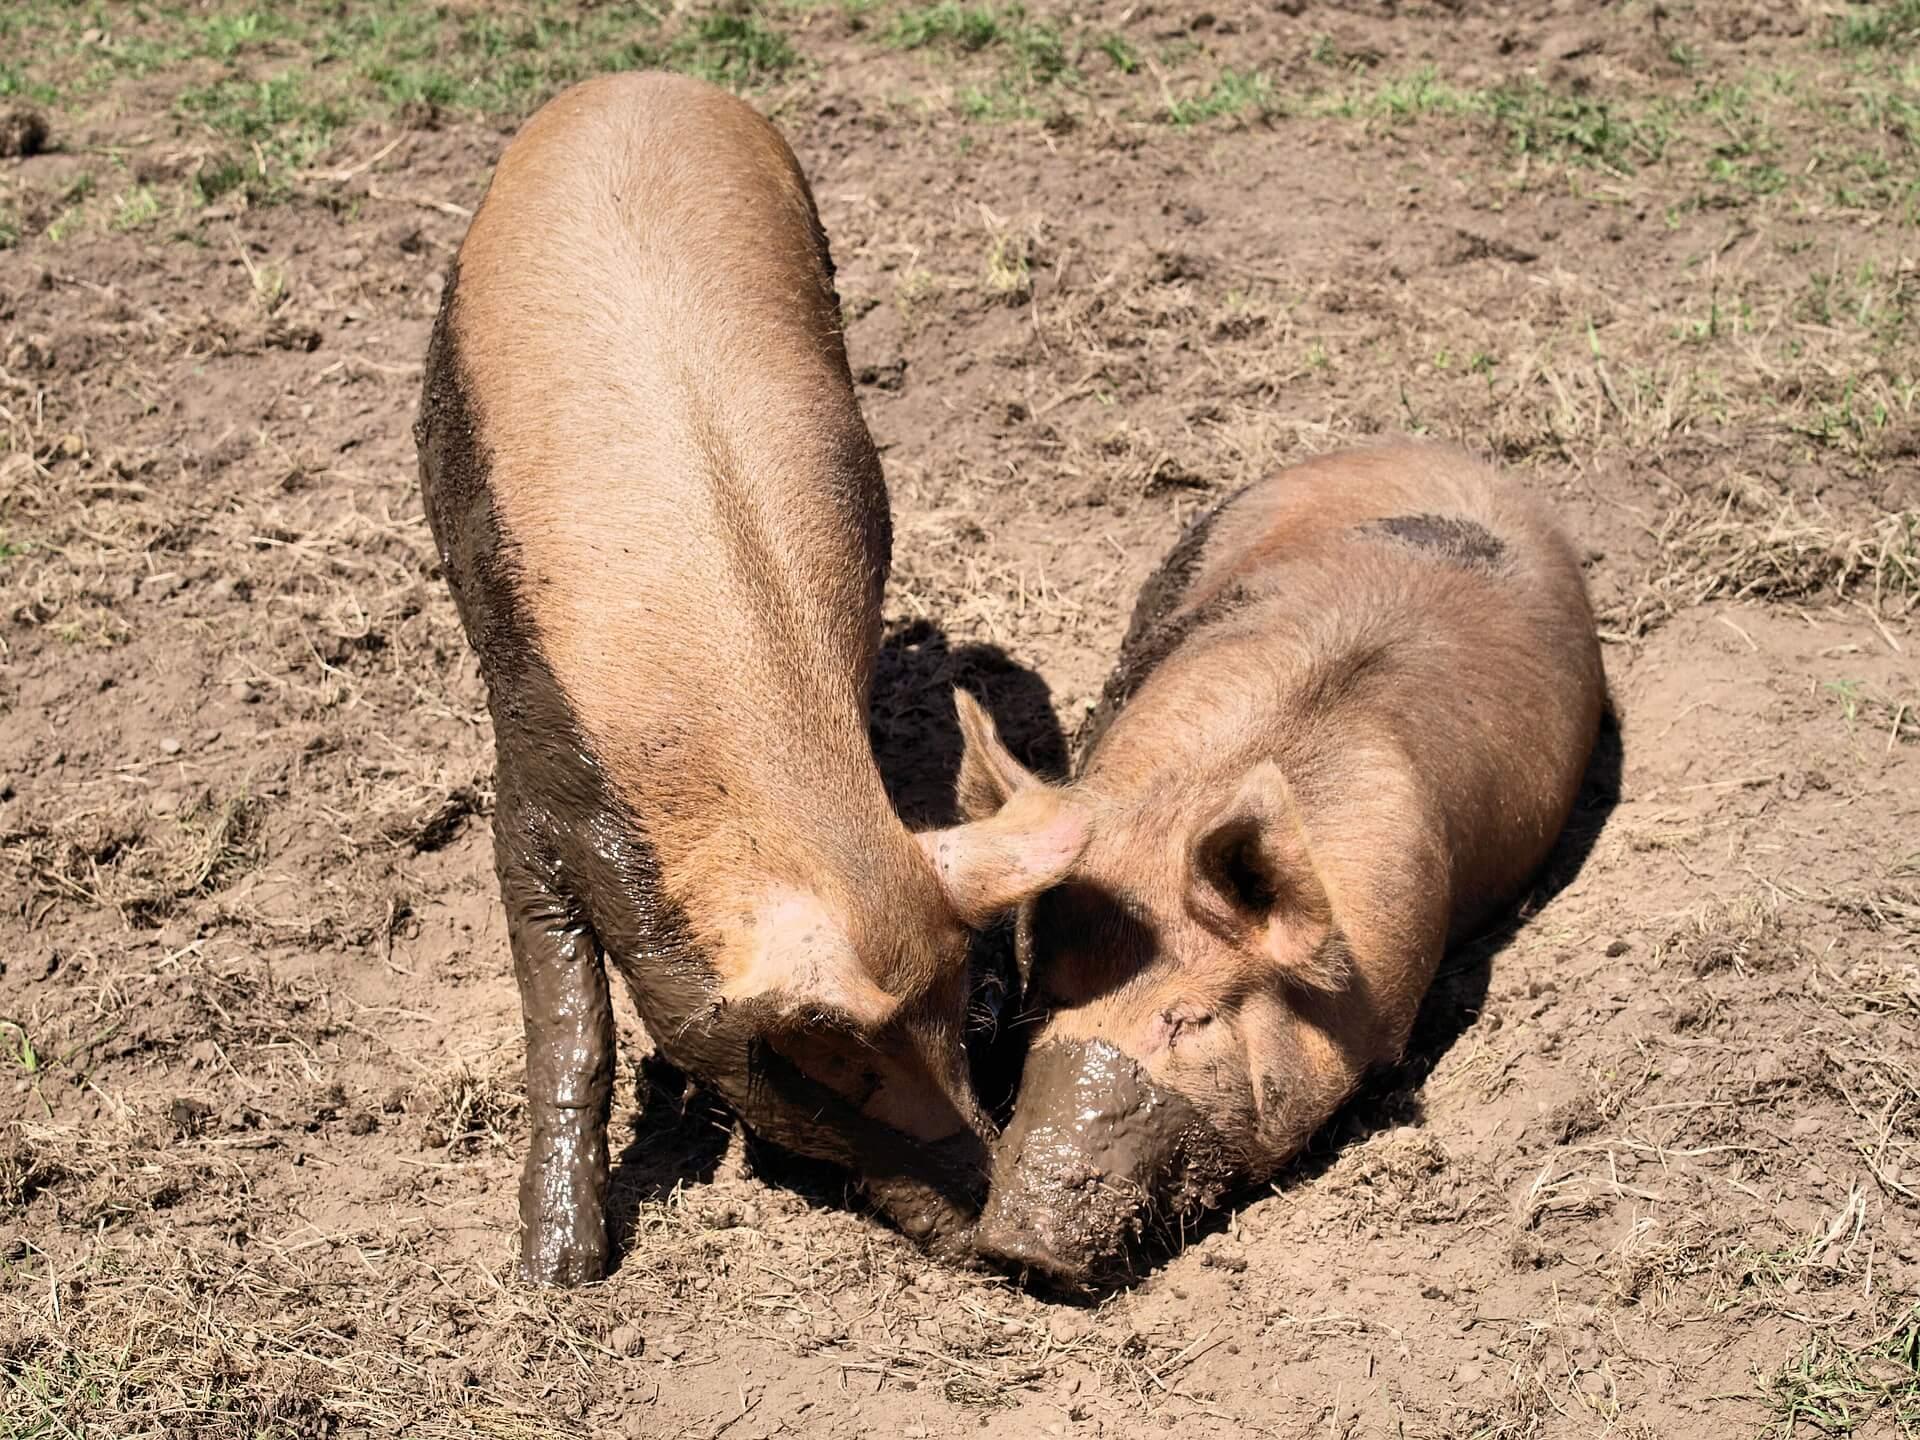 Tierschutzaktion-Dezember-2017_2_pigs-2699889_1920